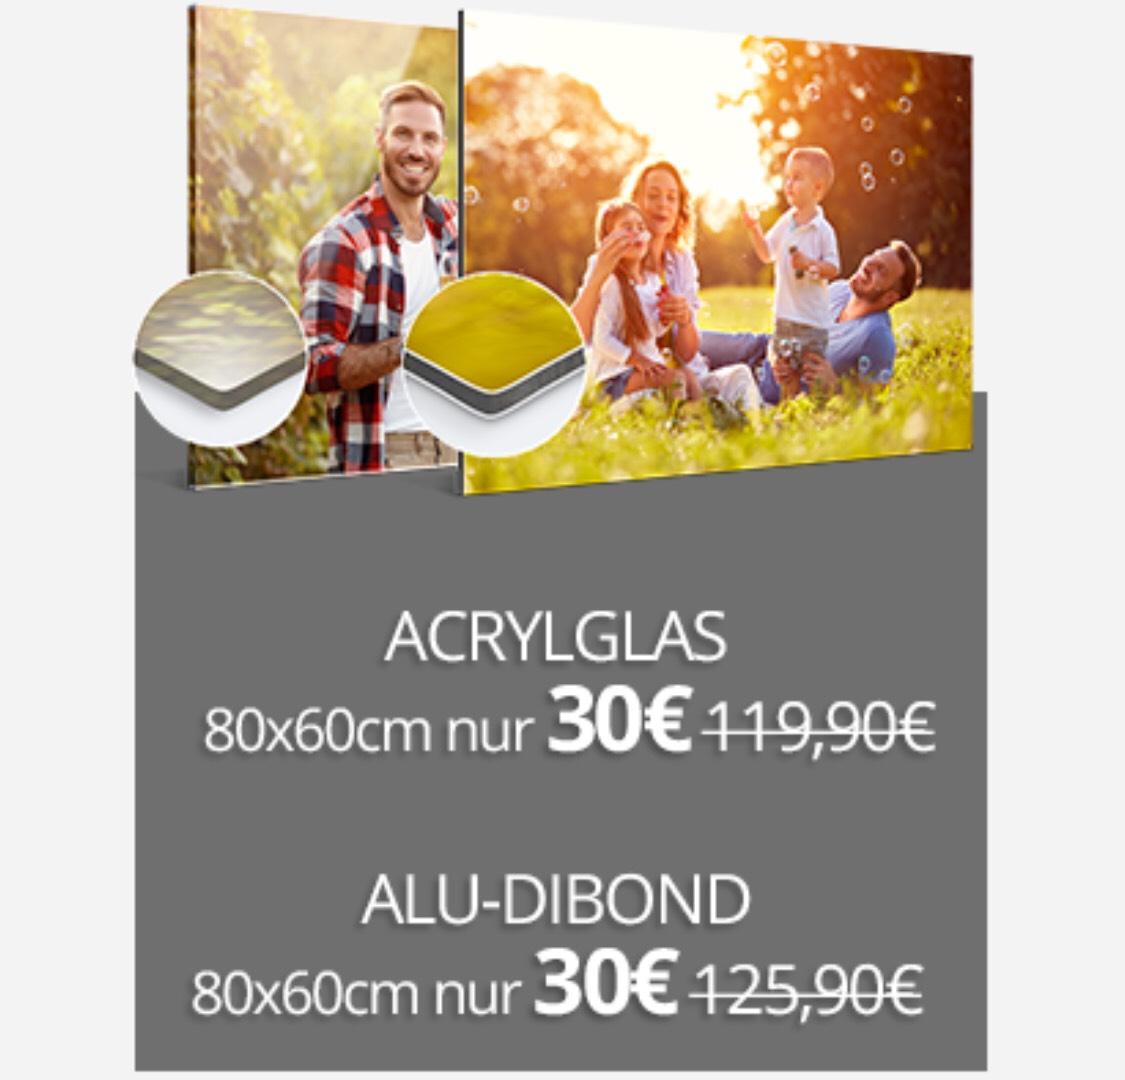 Foto hinter Acrylglas oder auf Alu-Dibond zB 80x60 für 30€ statt 56€ (exkl. Versand)